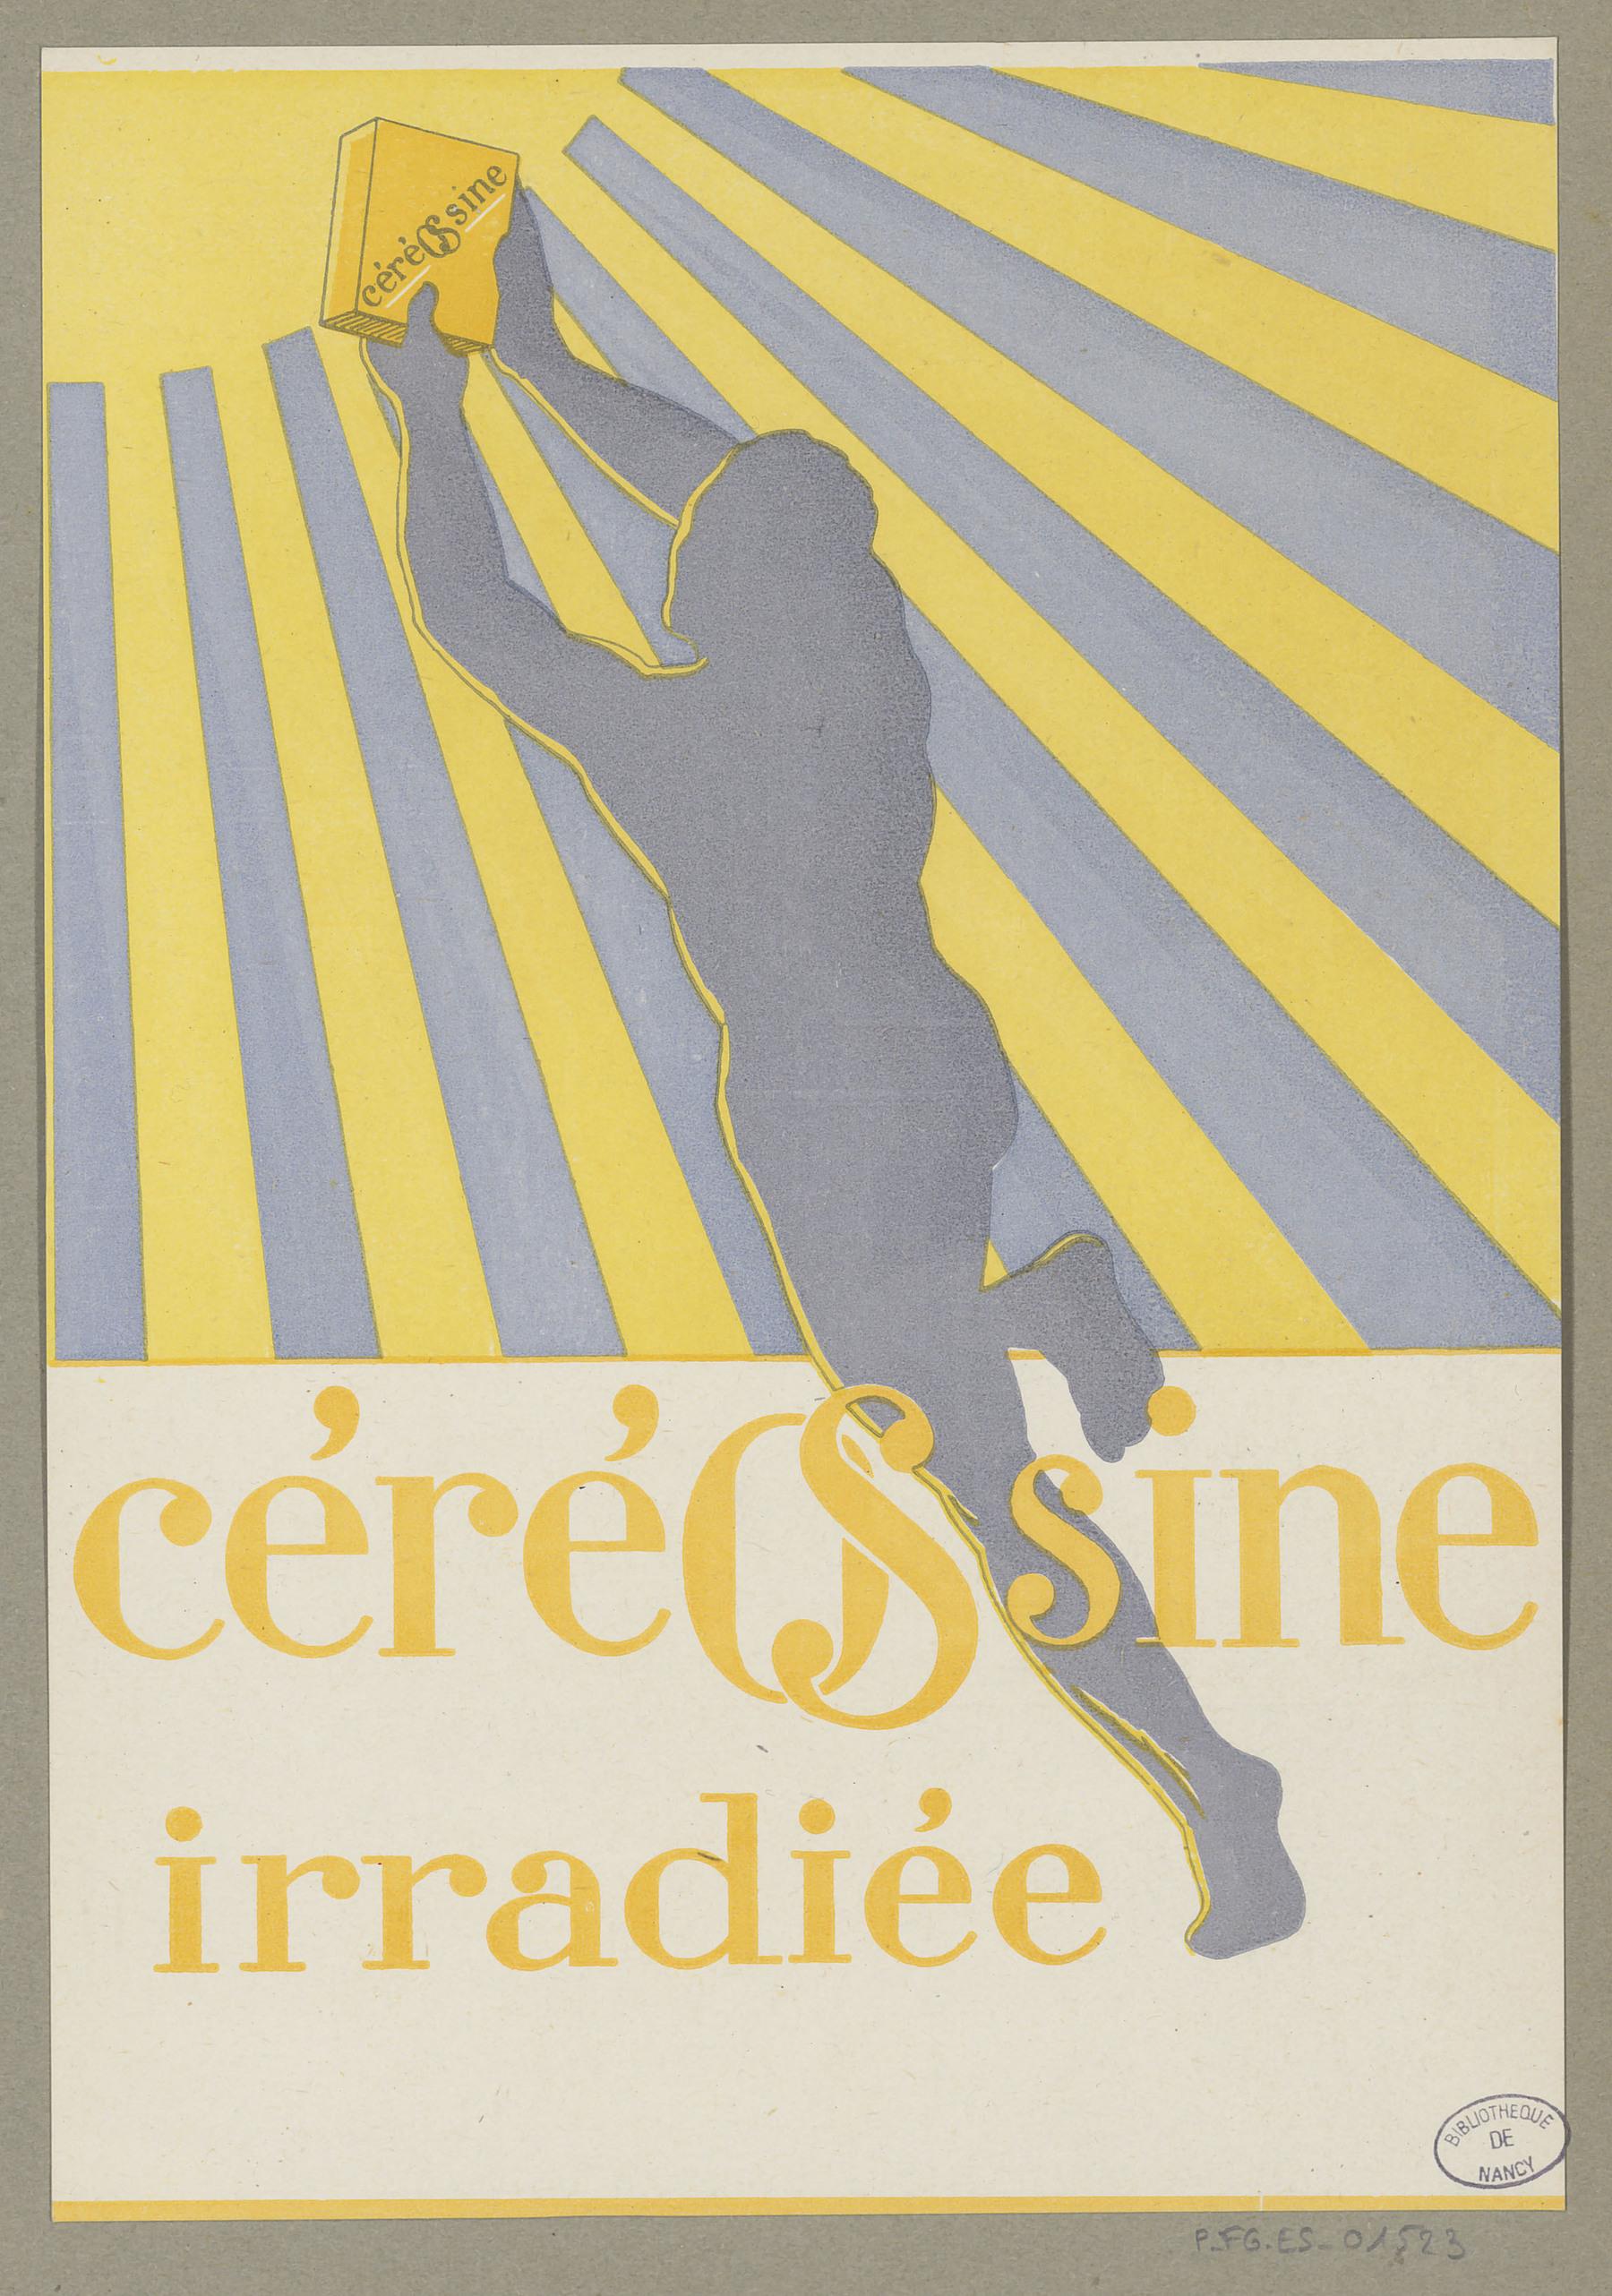 Contenu du Céréosine irradiée